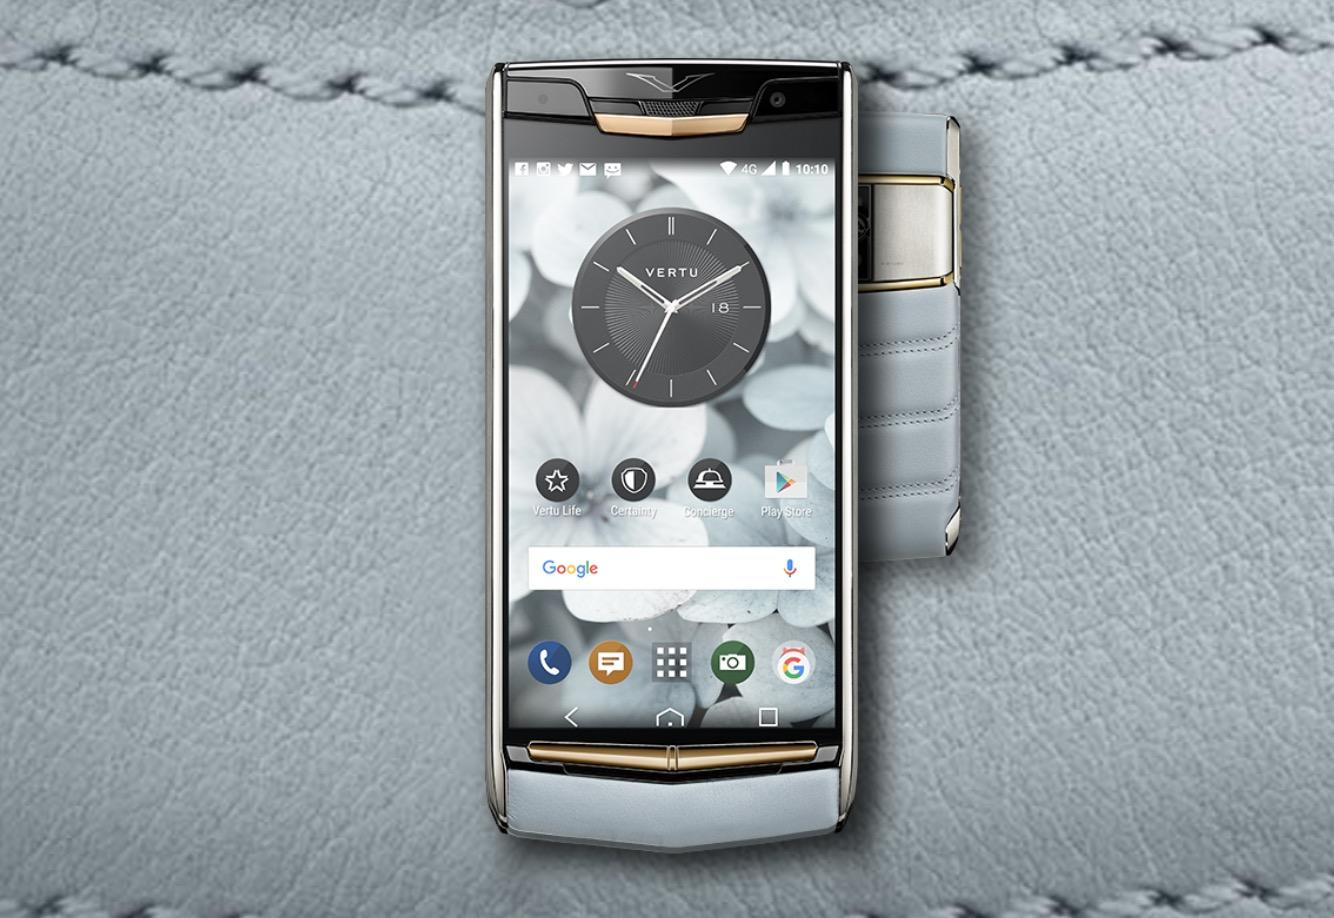 Производитель телефонов Vertu снова сменил владельца